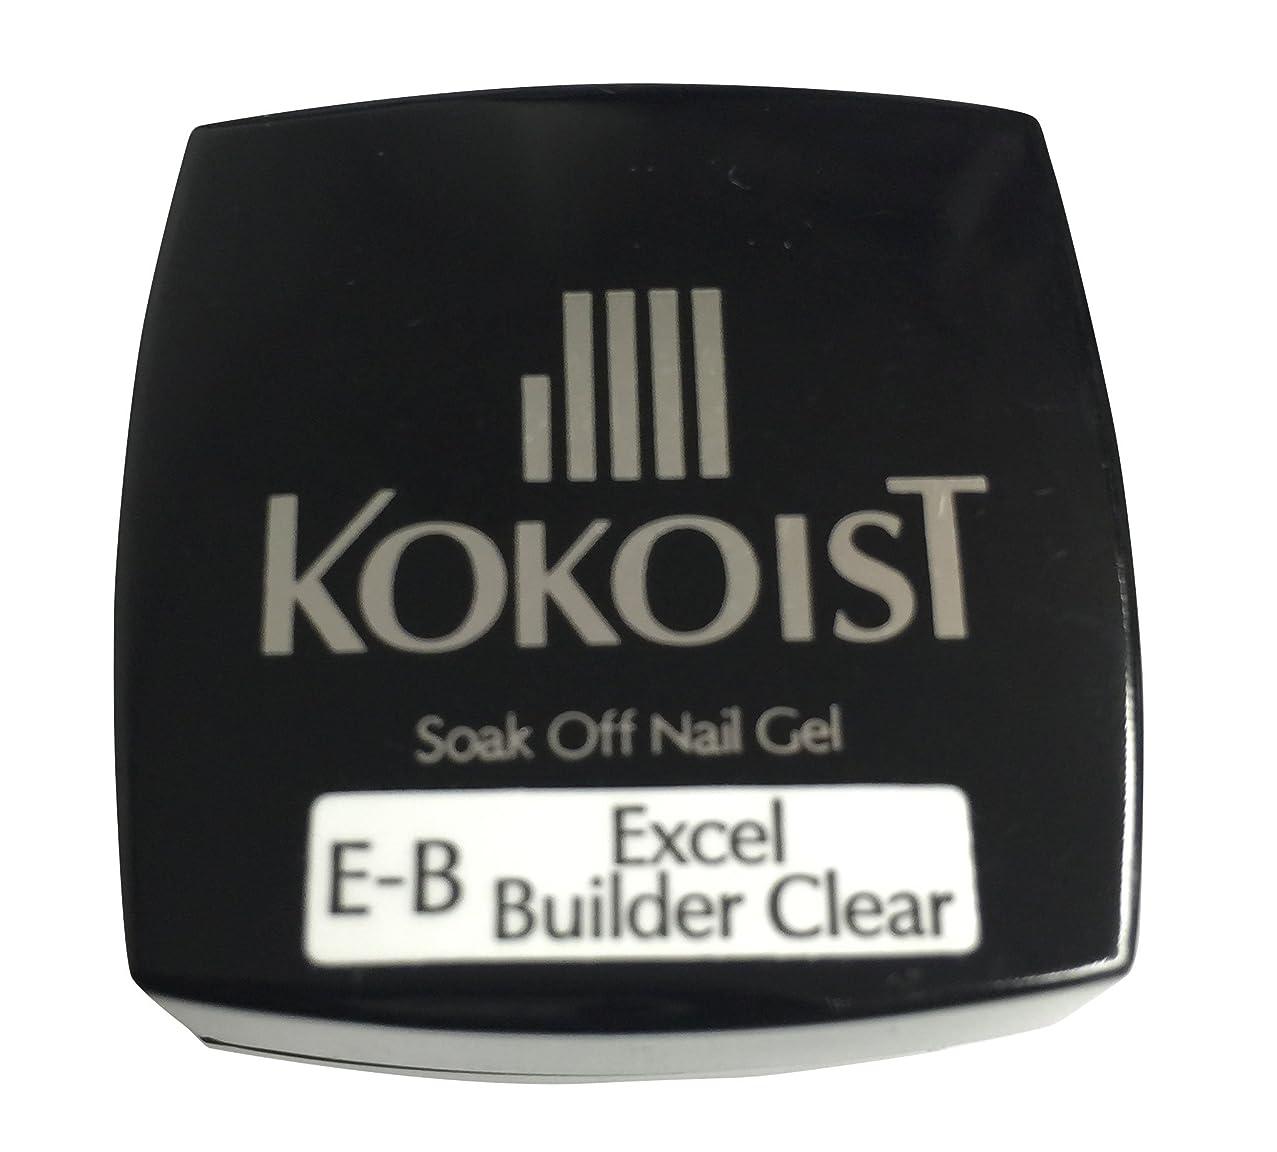 ジャンプ感じ名前を作るKOKOIST(ココイスト) ソークオフクリアジェル エクセルビルダー  4g